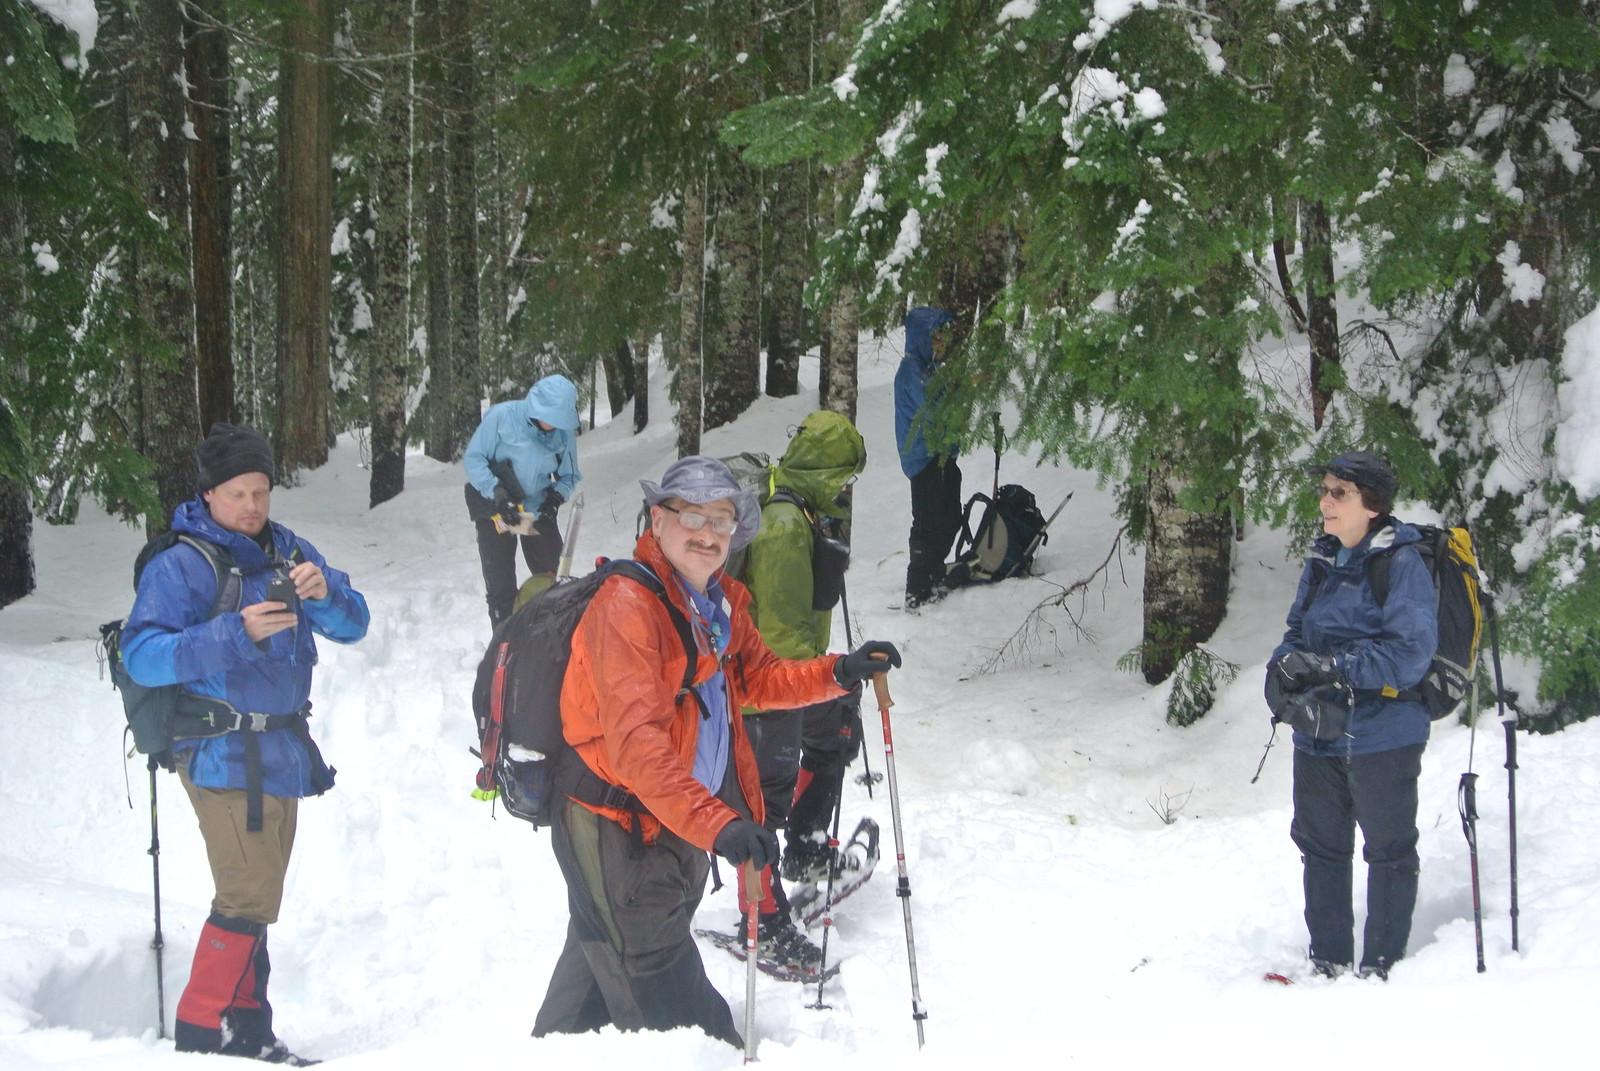 Talapus Lake Snowshoeing trip